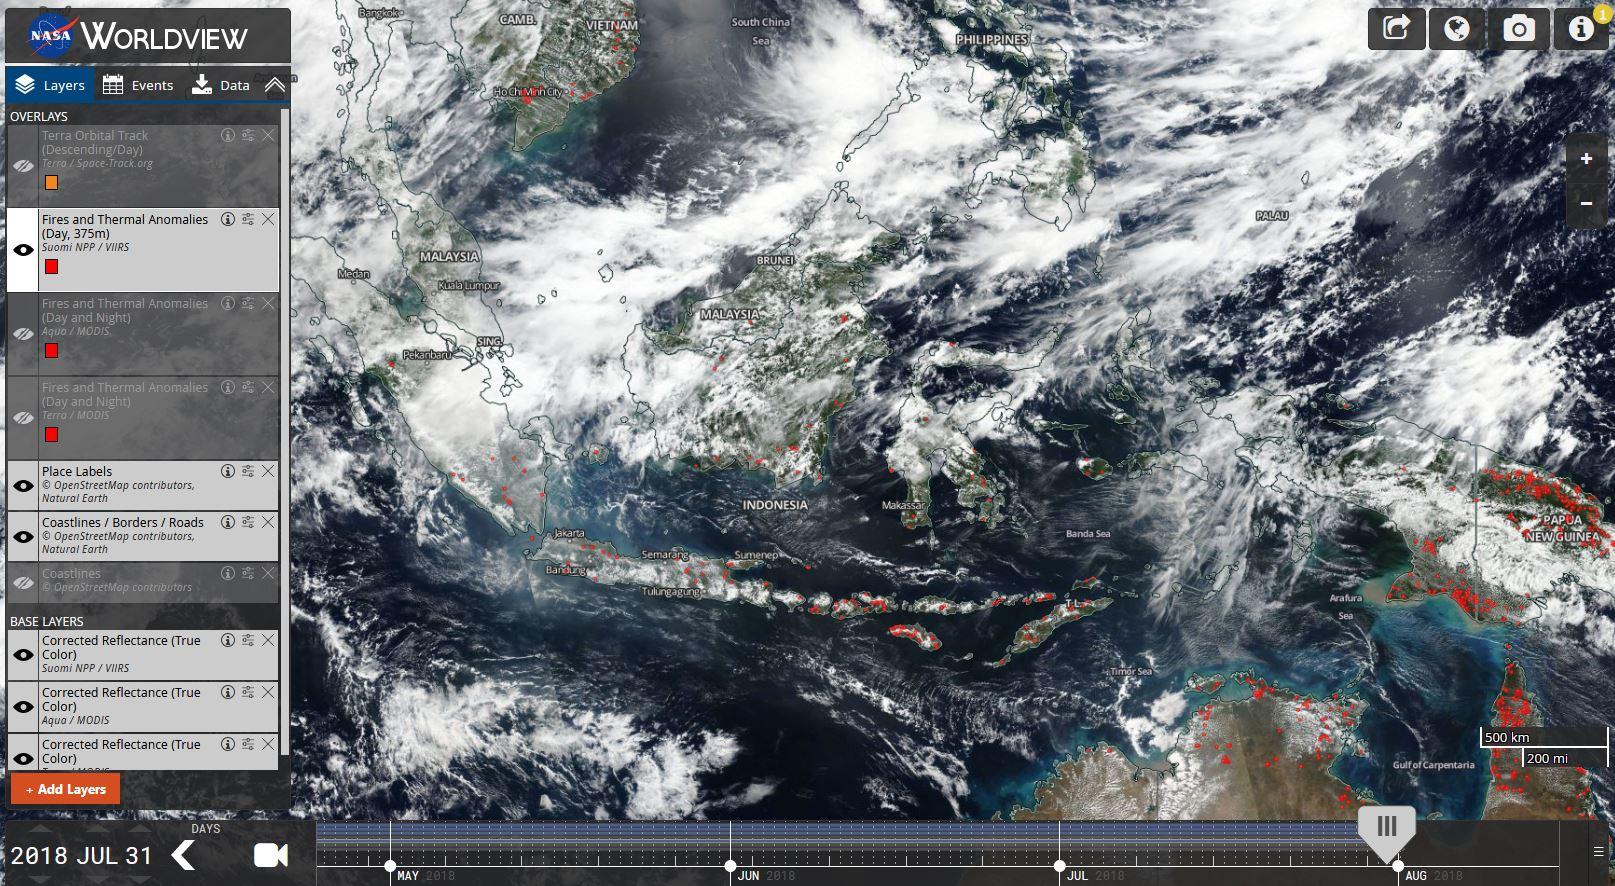 Citra satelit NASA yang meperlihatkan kebakaran dan titik panas di Indonesia dan di negara-negara tetangganya (Foto dok: NASA Worldview)